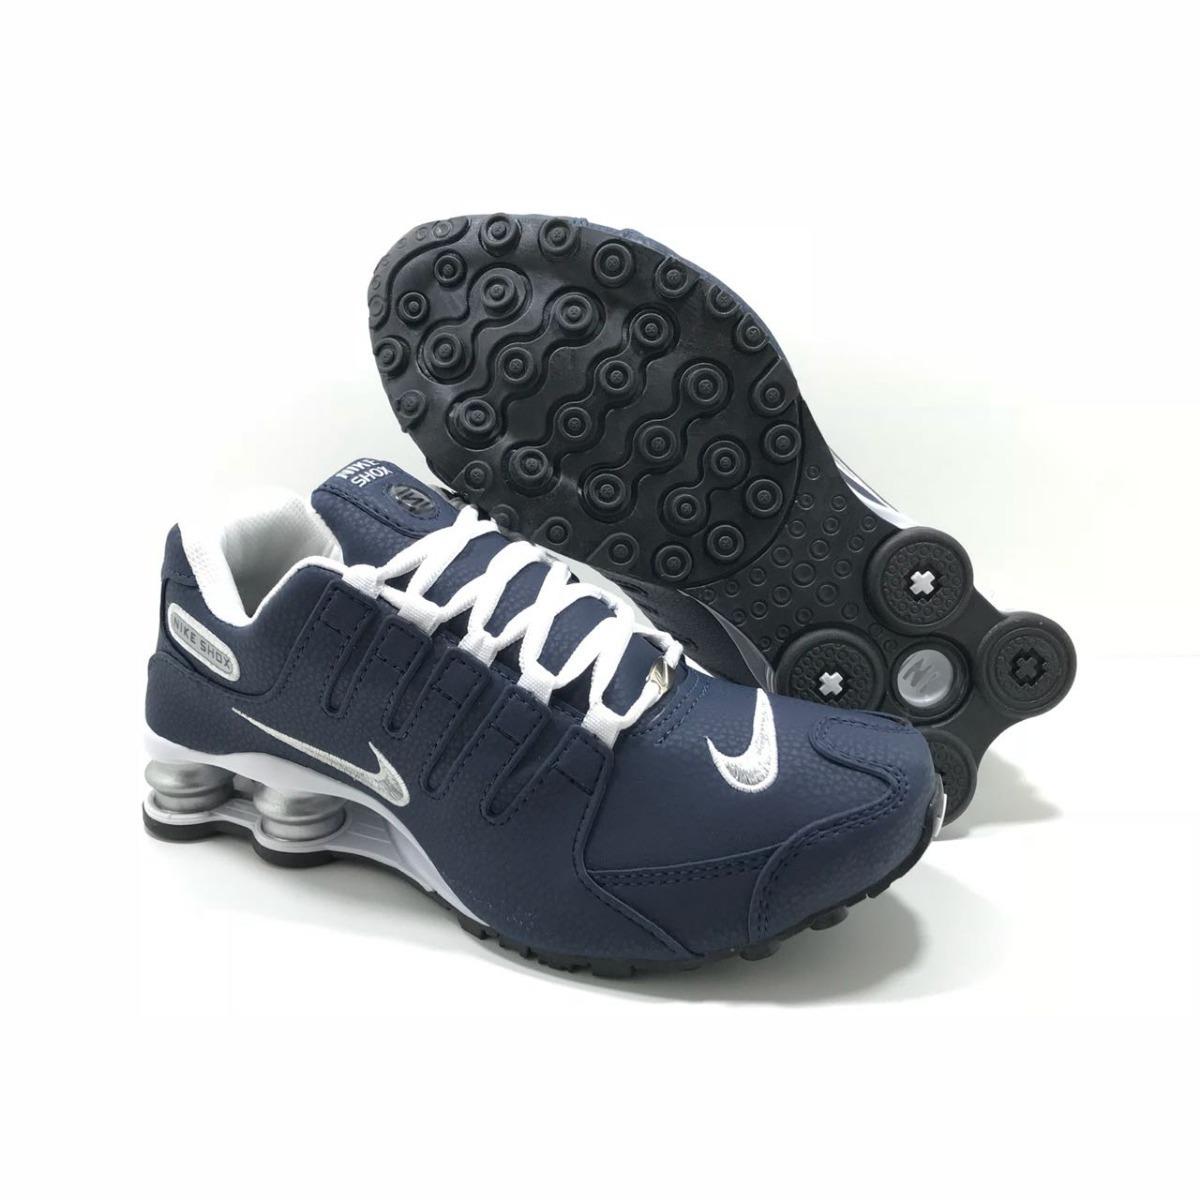 1cb6747c7e6 ... store tênis masculino nike shox nz promoço frete grátis. carregando  zoom. 59532 fe350